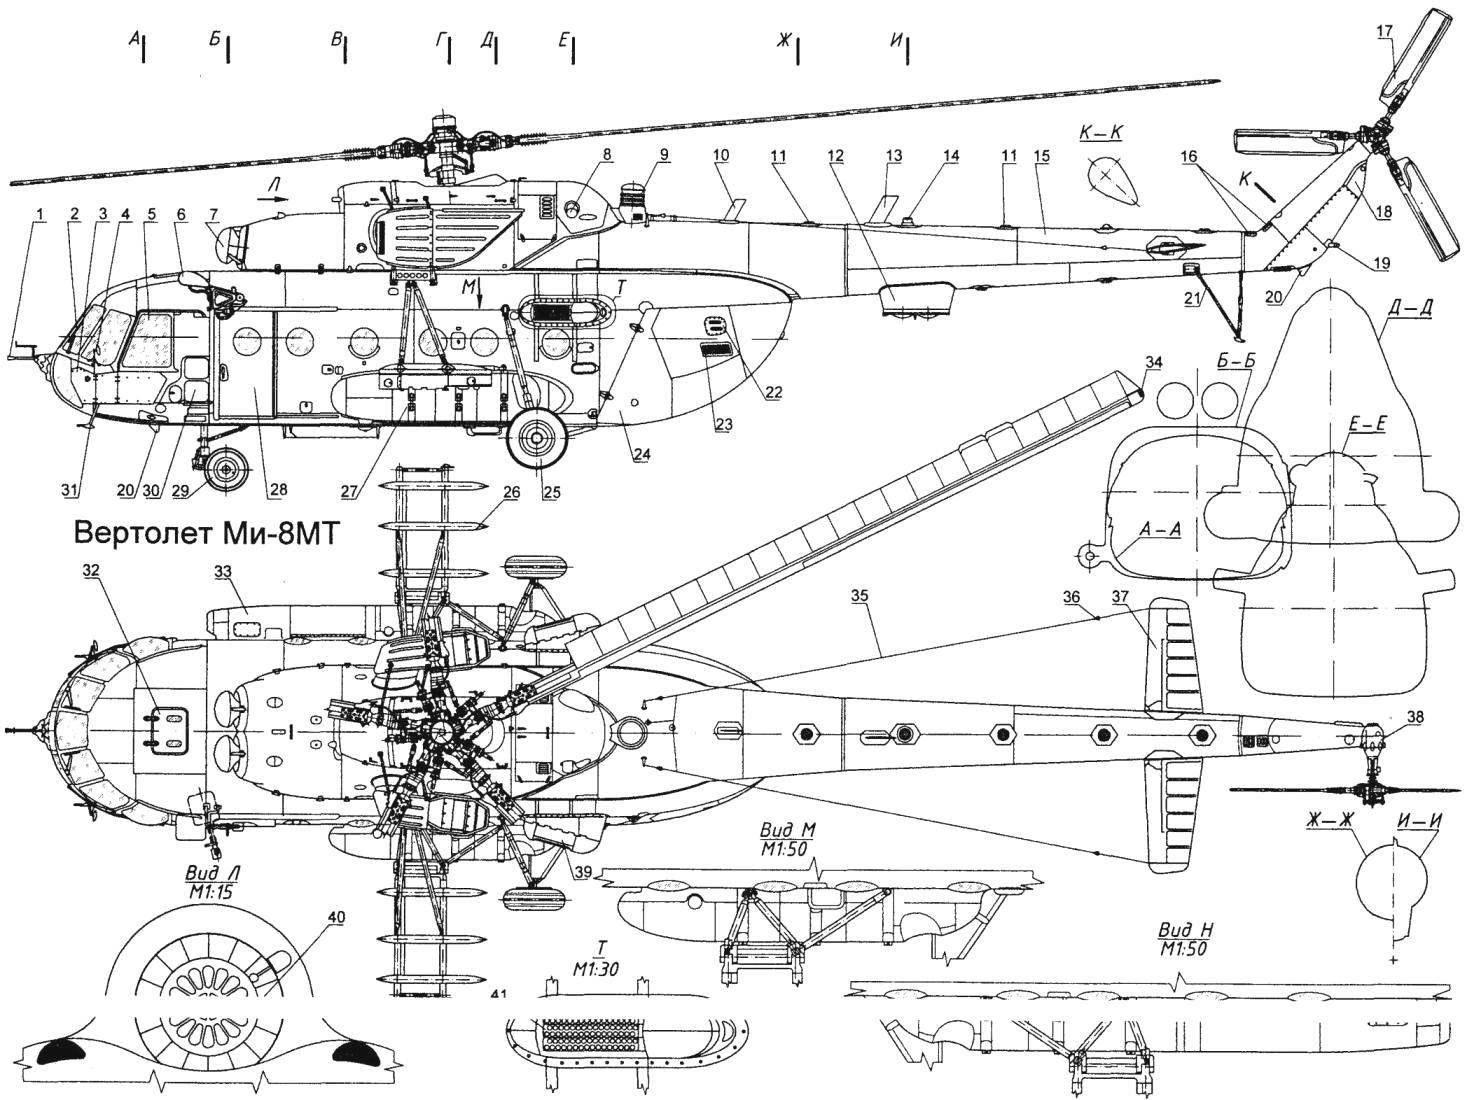 Транспортно-десантный вертолет Ми-8МТ